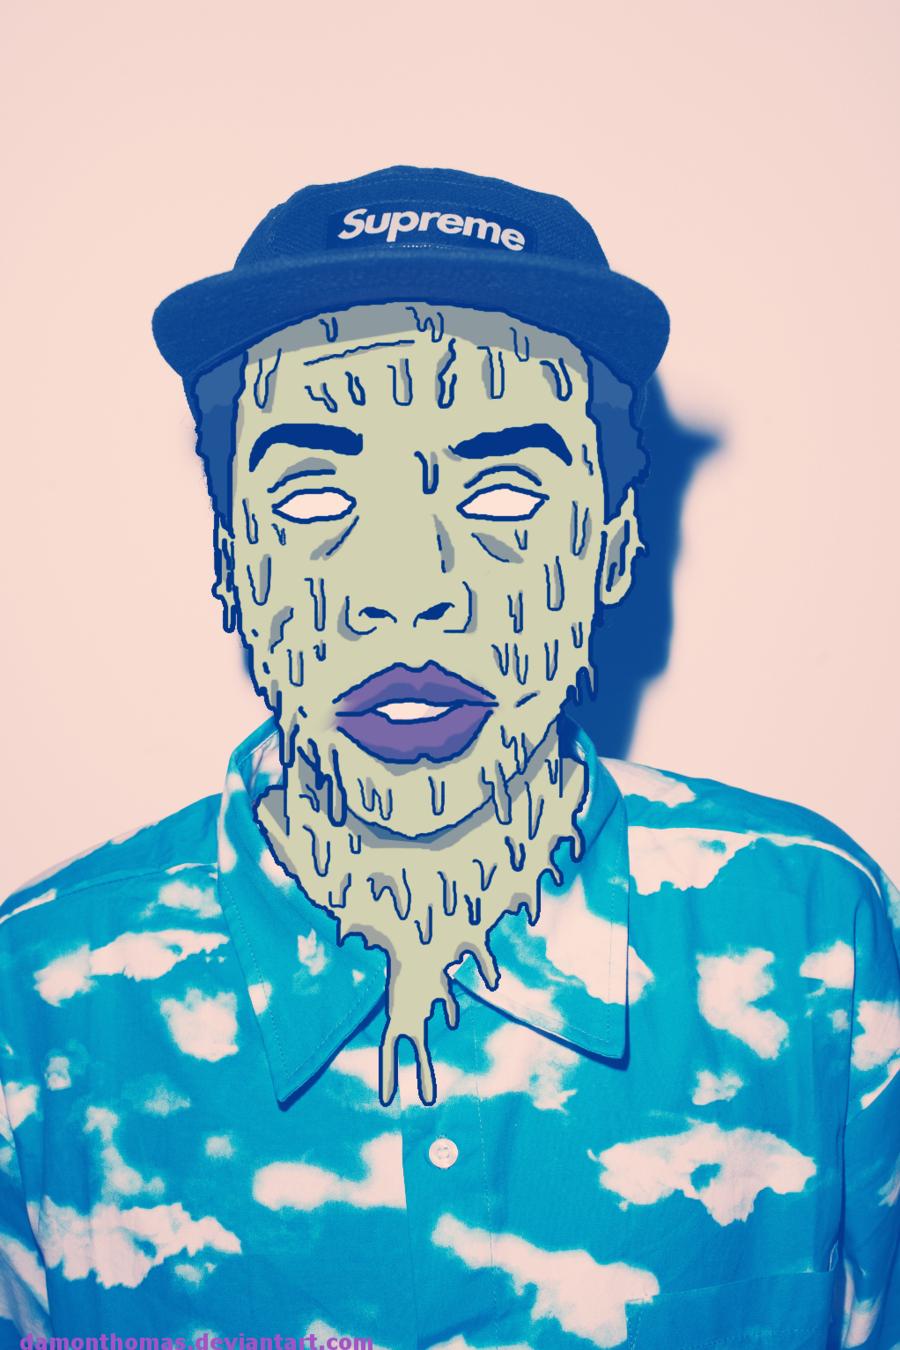 Earl Sweatshirt By Damonthomas On Deviantart Earl Sweatshirt Hip Hop Art Trill Art [ 1350 x 900 Pixel ]